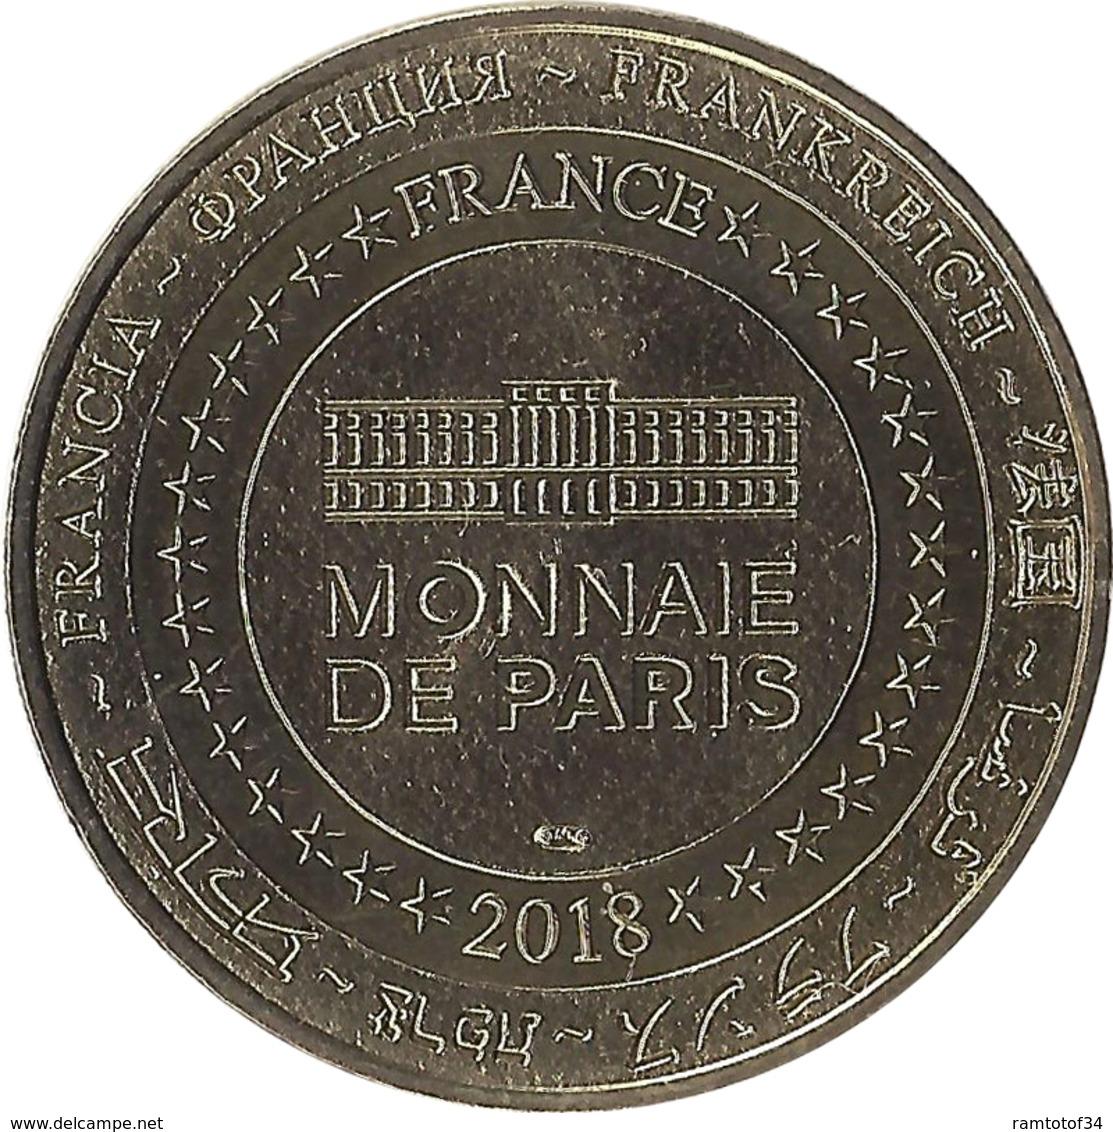 2018 MDP151 - LA MER DE SABLE 6 - Sombrero / MONNAIE DE PARIS - 2018